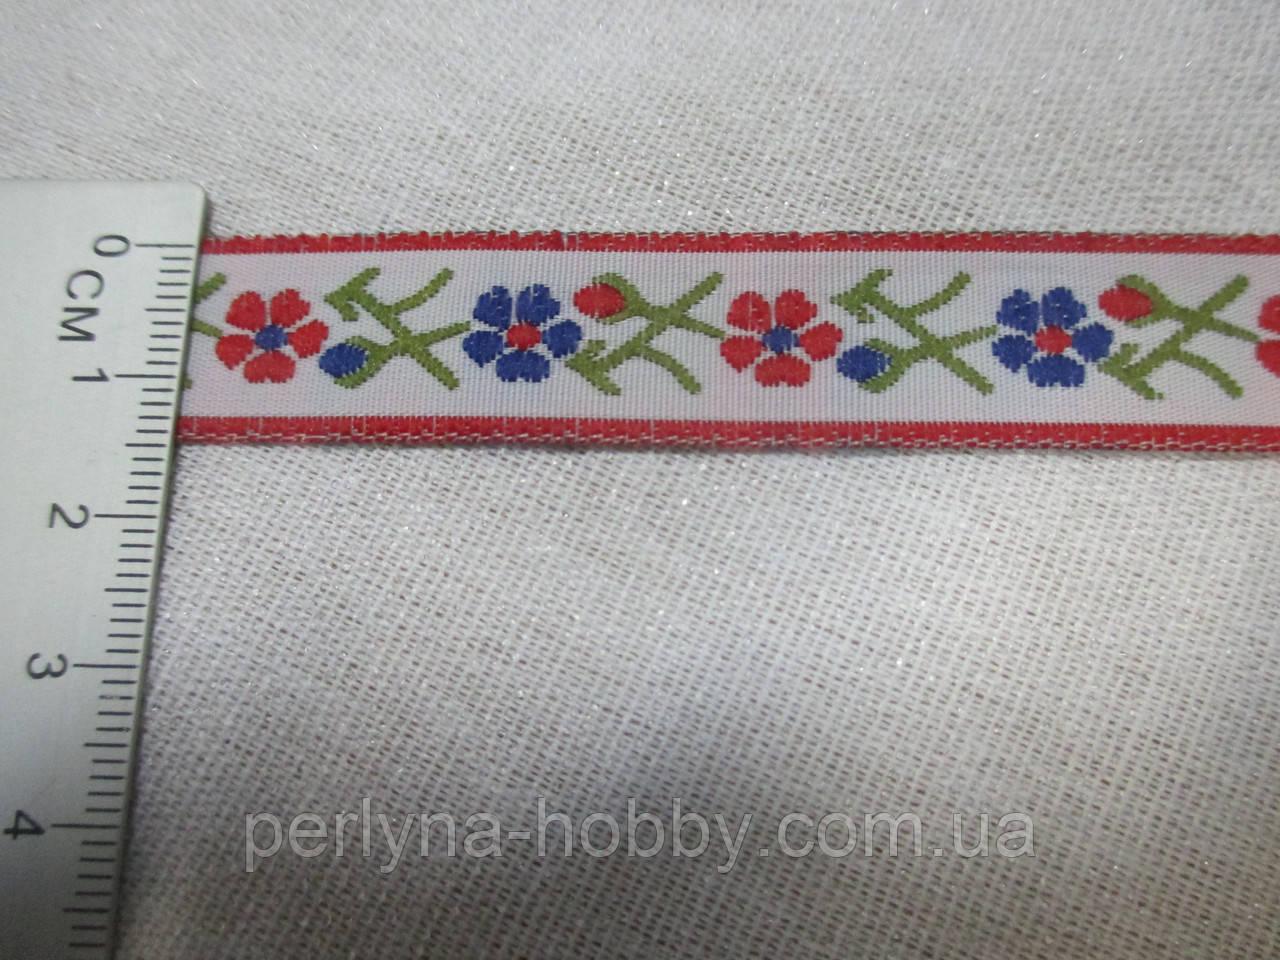 Тесьма з орнаментом квіти 16 мм., біла з квітами